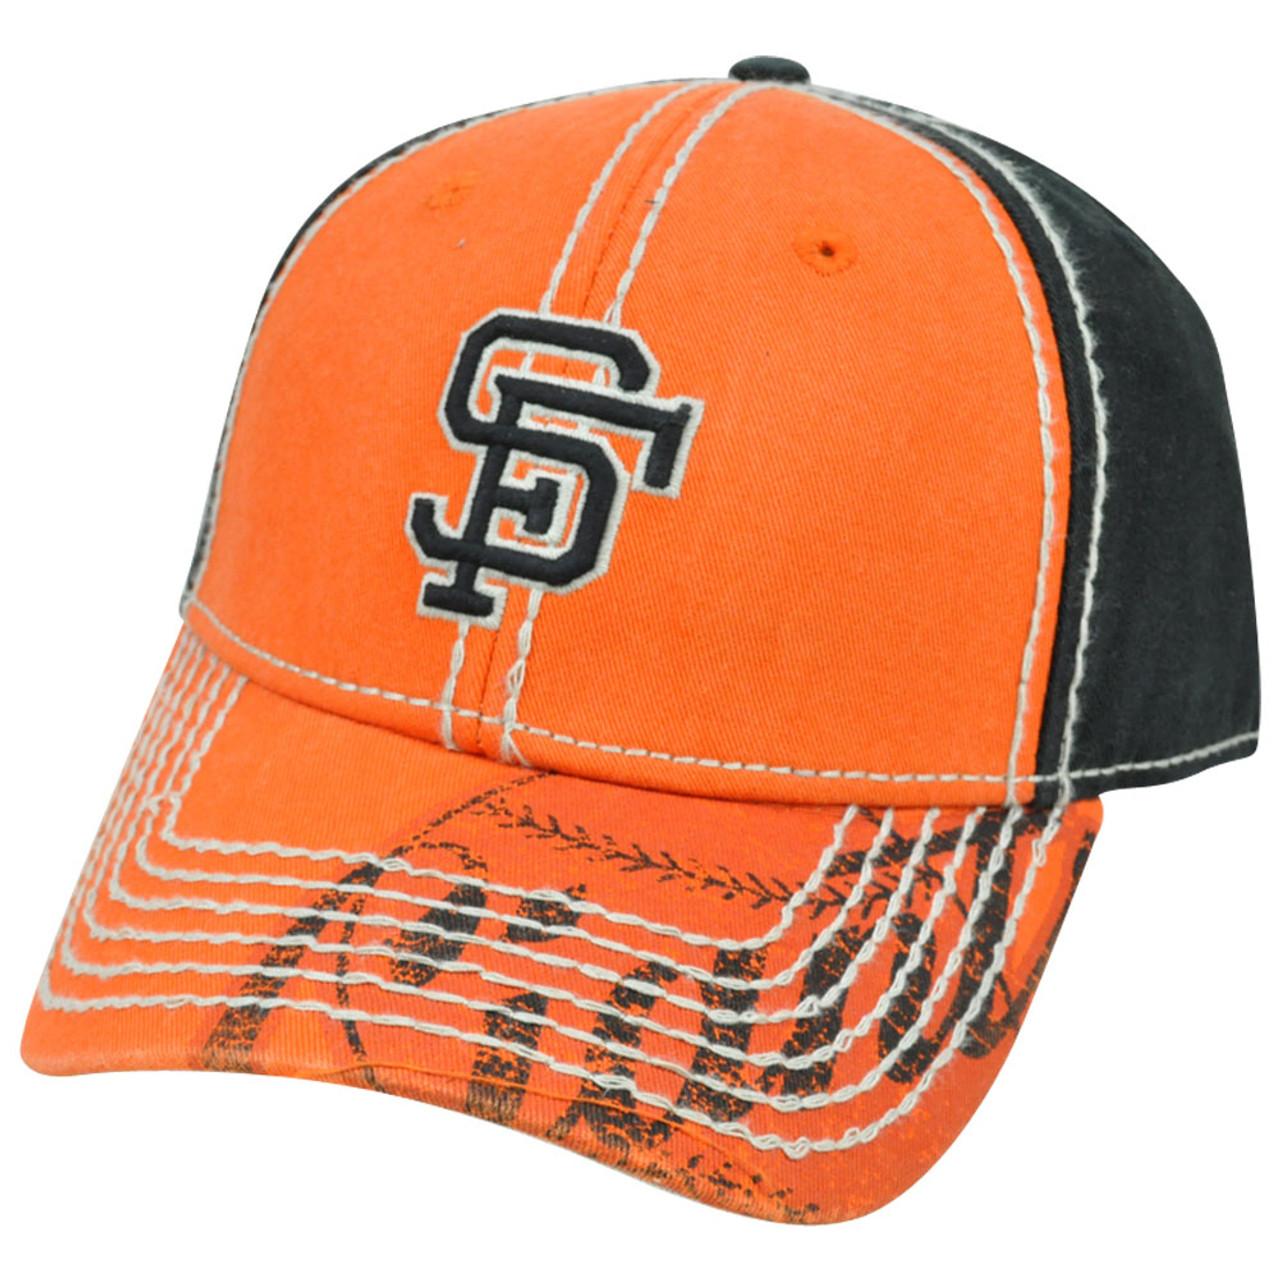 6b60d3740e6 MLB San Francisco Giants Pro Stitch American Needle Vintage Wash Cotton Hat  Cap - Cap Store Online.com